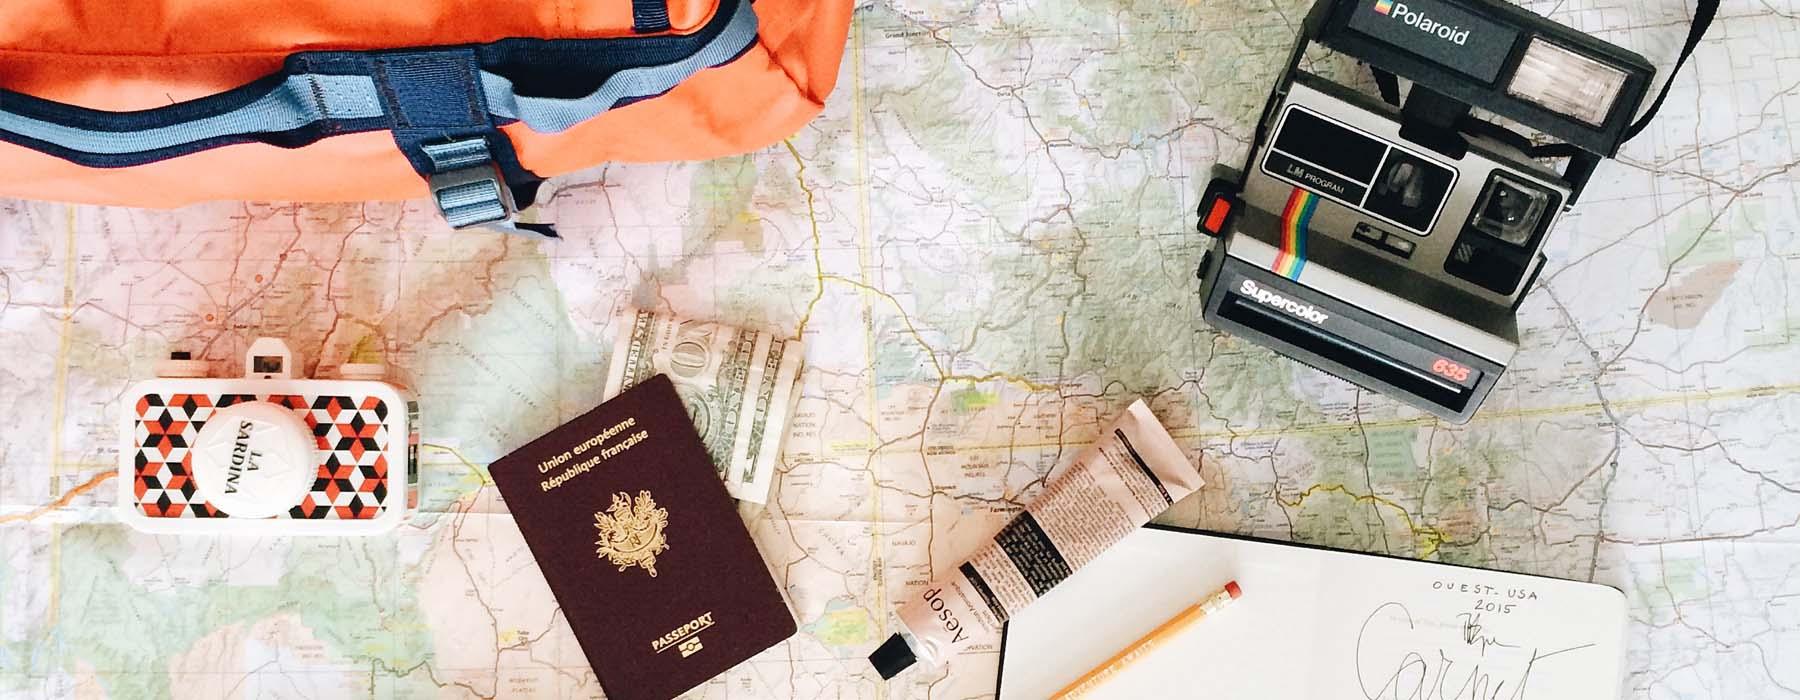 Faire un tour du monde : que gagne-t-on à cela ?